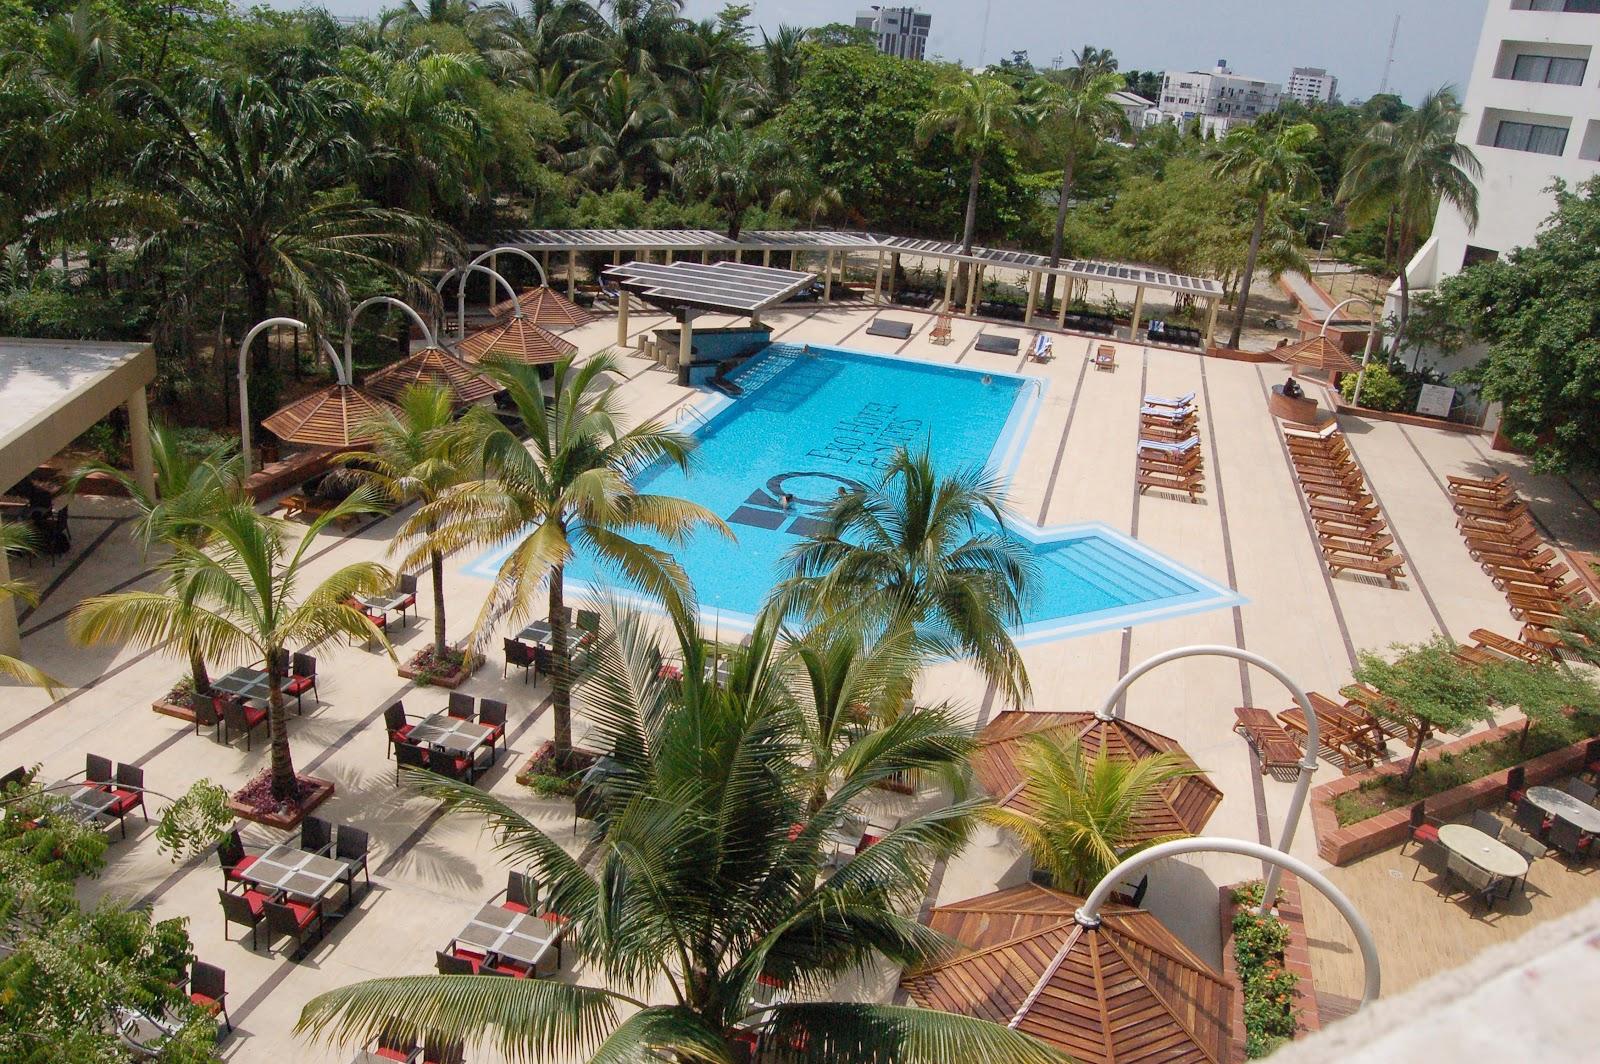 Eko Hotel - Swimming Pool